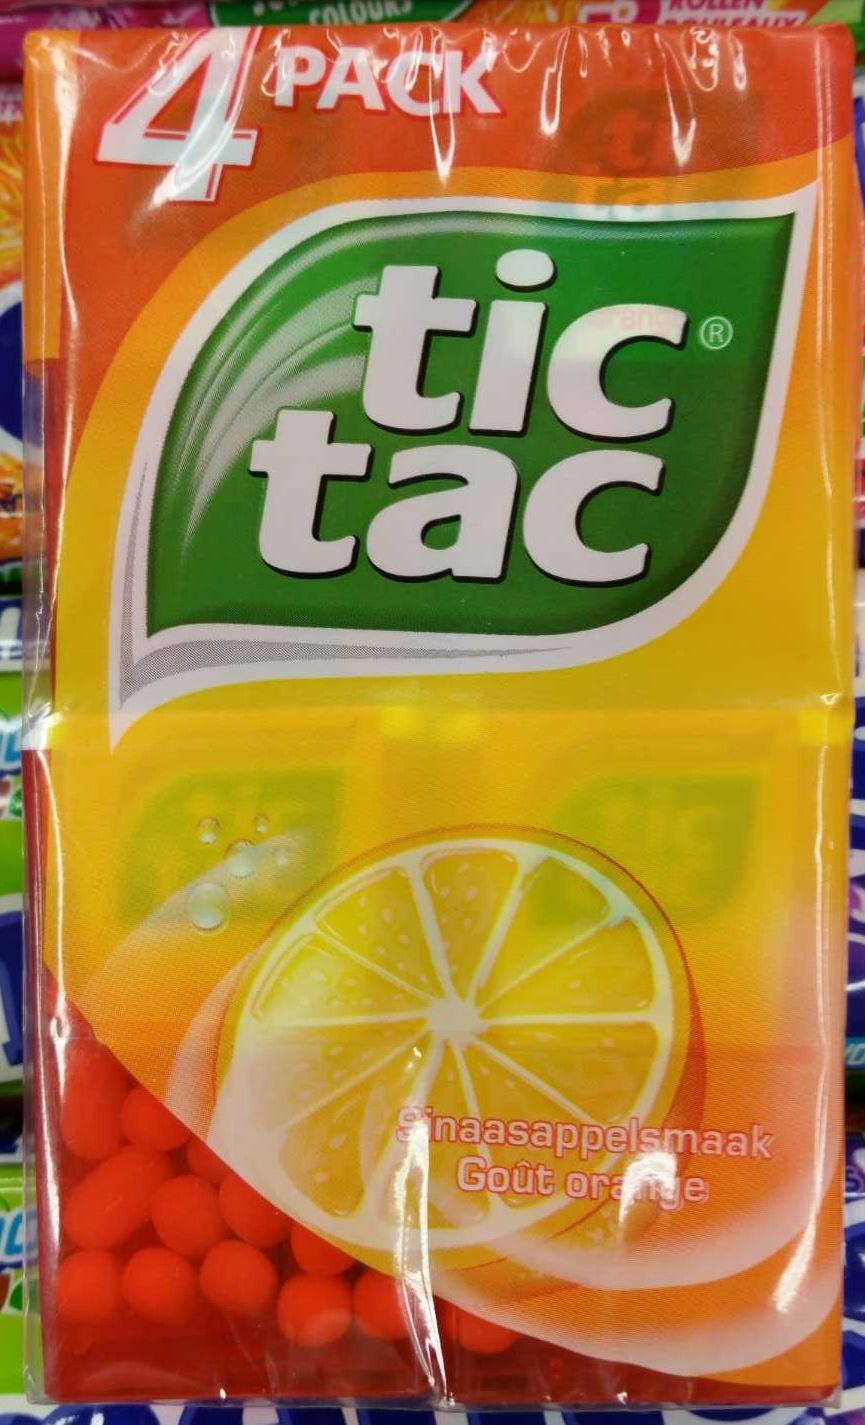 Tic Tac goût Orange - Product - fr